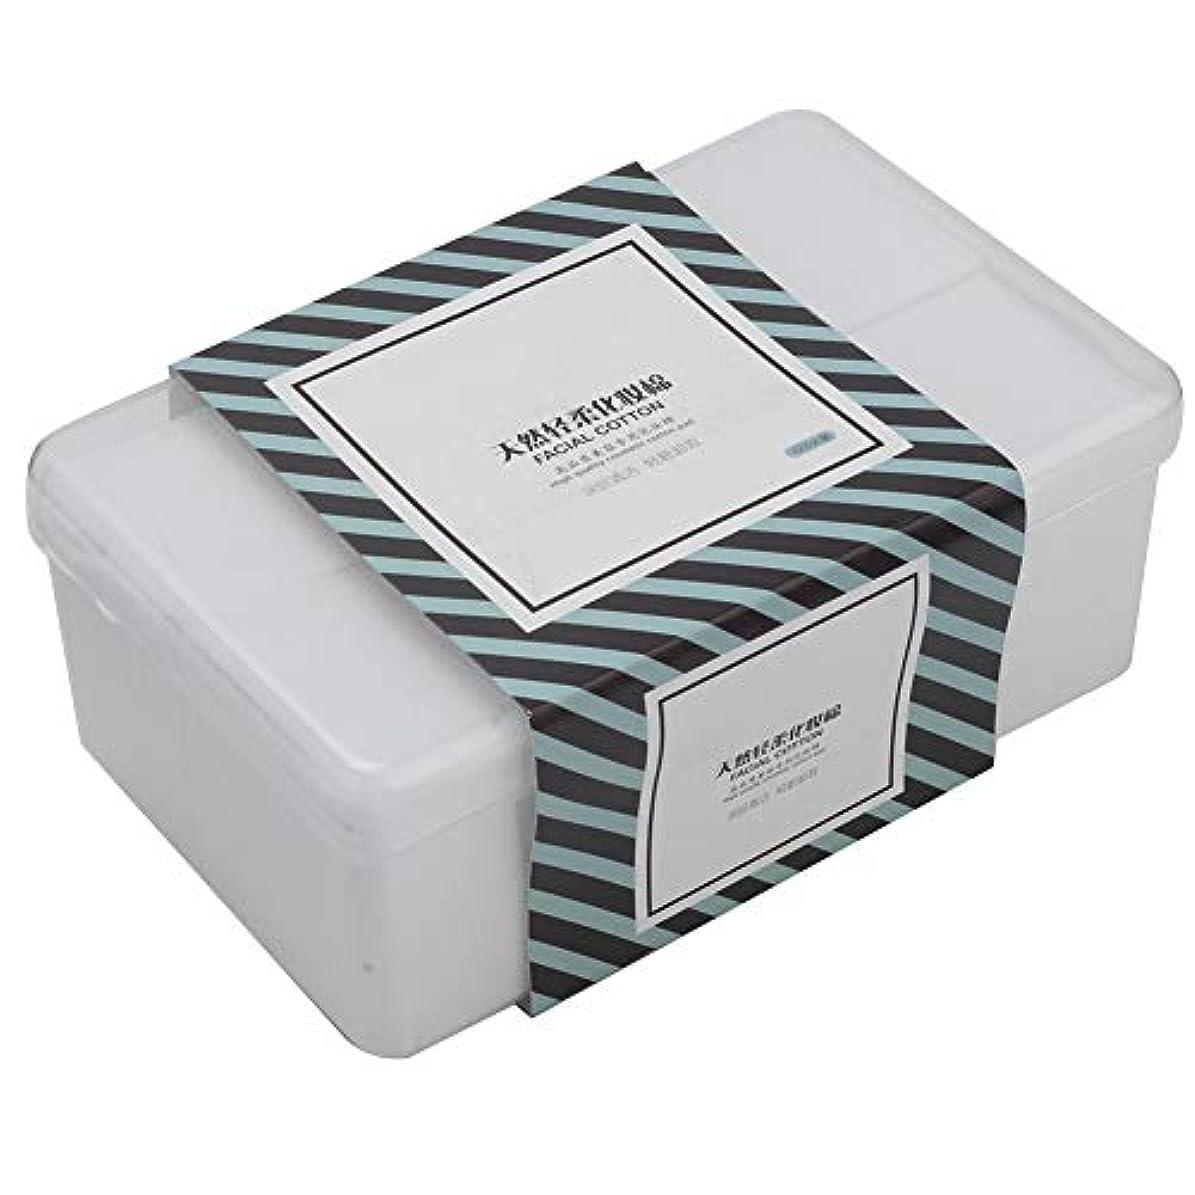 欠伸健全緩やかな1000枚 /箱の構造の綿パッドの化粧品は清潔になりますスキンケアを拭きます